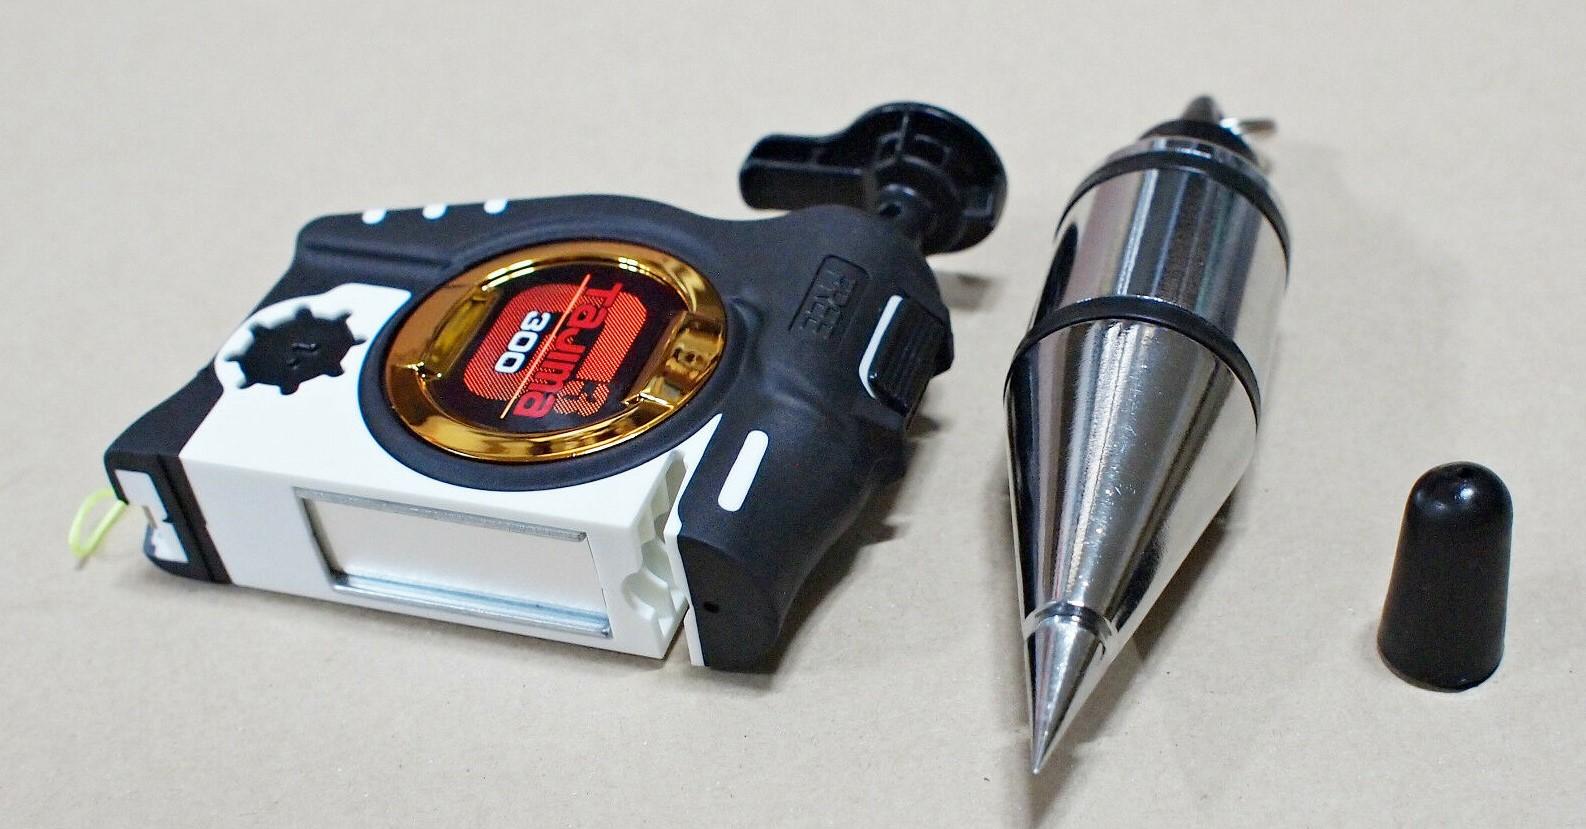 Строительный отвес: со шнуром, лазерный и другие. ГОСТ. Как пользоваться? Для чего нужен? Маркер Matrix, «Практик» и остальные